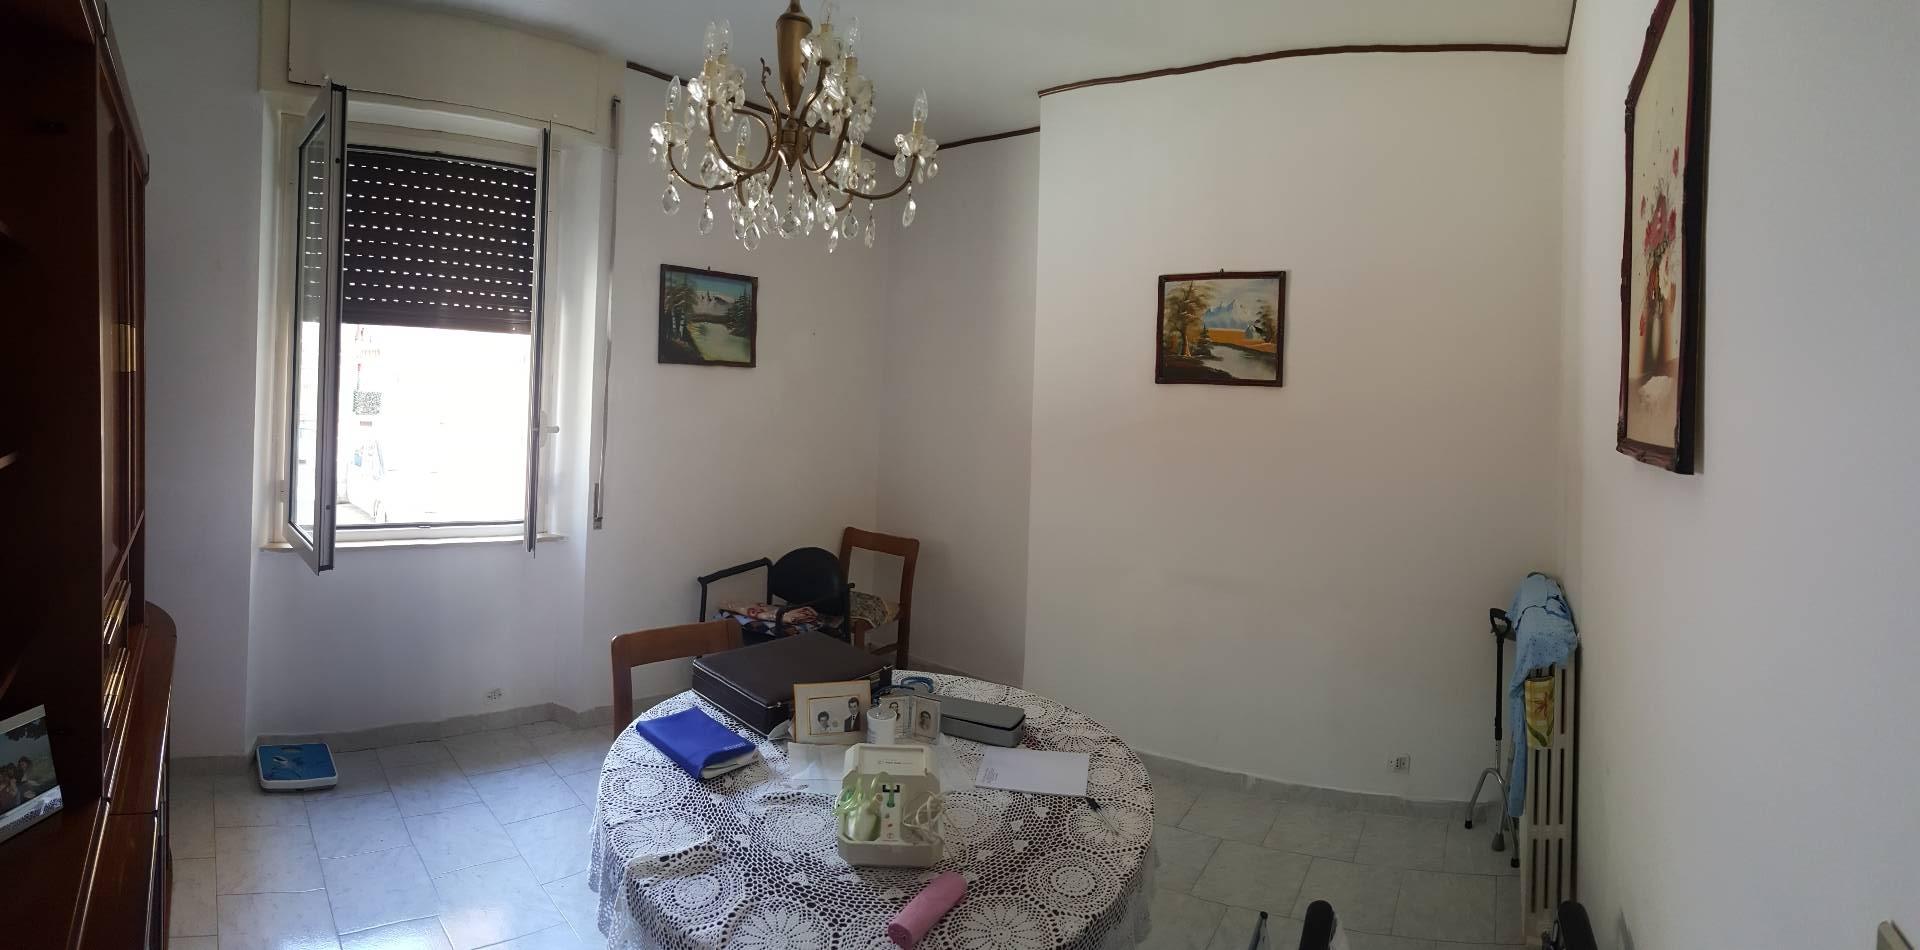 Appartamento in vendita a Ascoli Piceno, 5 locali, zona Località: BorgoSolestà, prezzo € 65.000 | CambioCasa.it